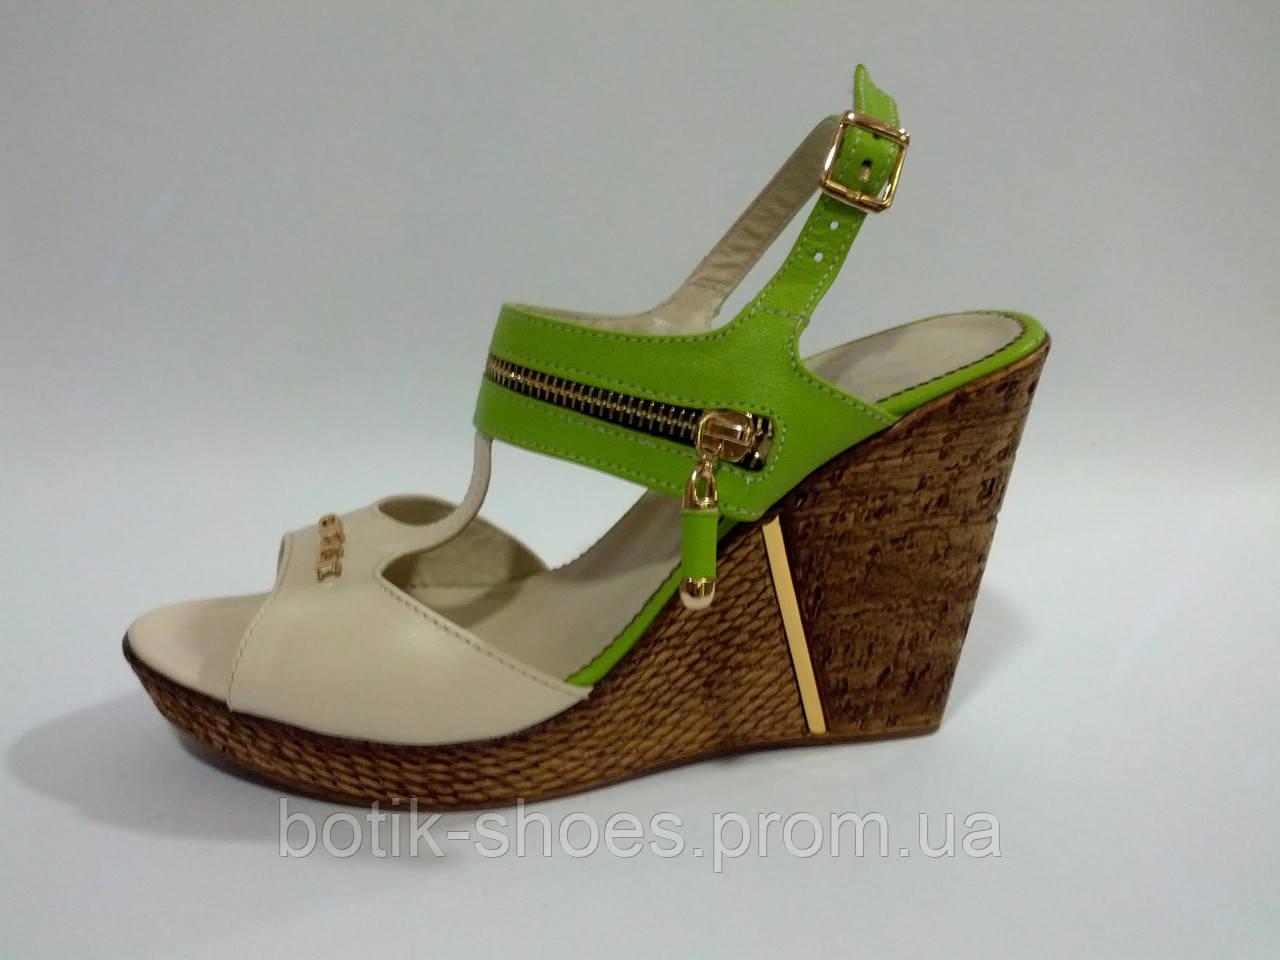 pictures Резиновые босоножки – удобная и оригинальная обувь для модниц изображения